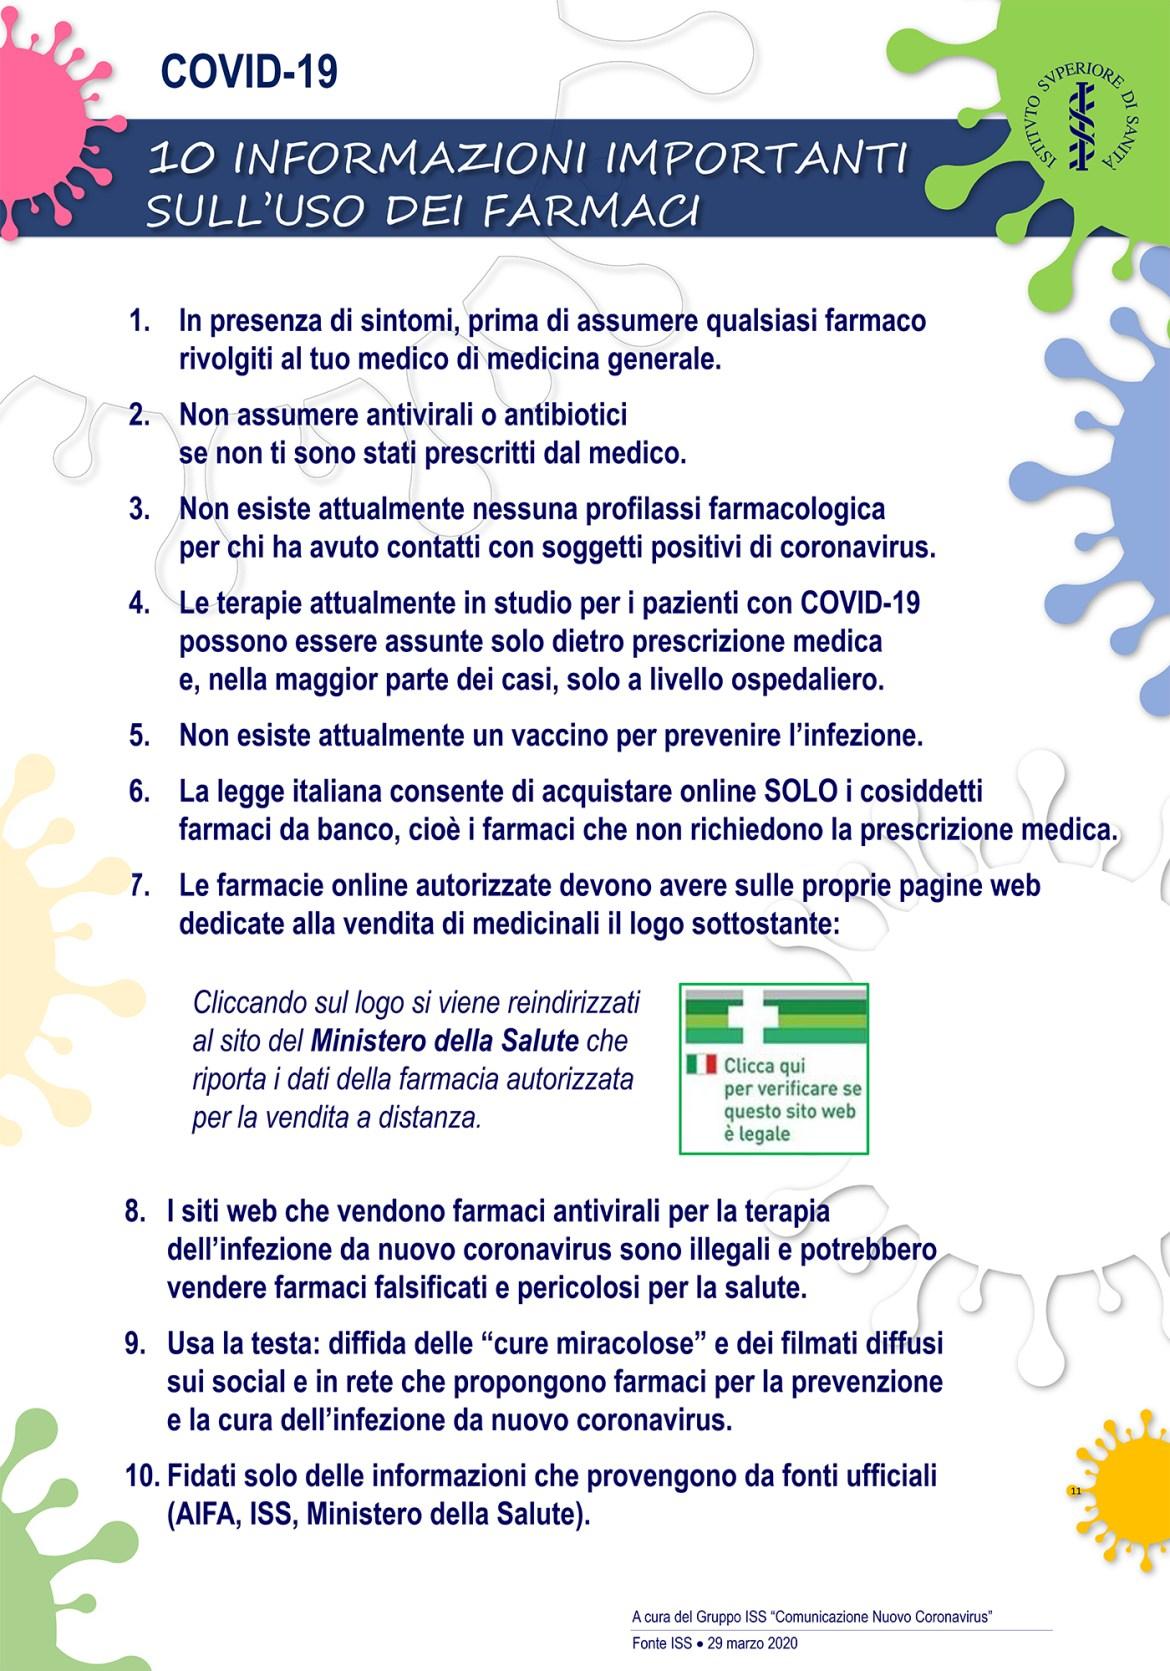 Decalogo Istituto Superiore Sanità Coronavirus Covid-19 farmaci antivirali